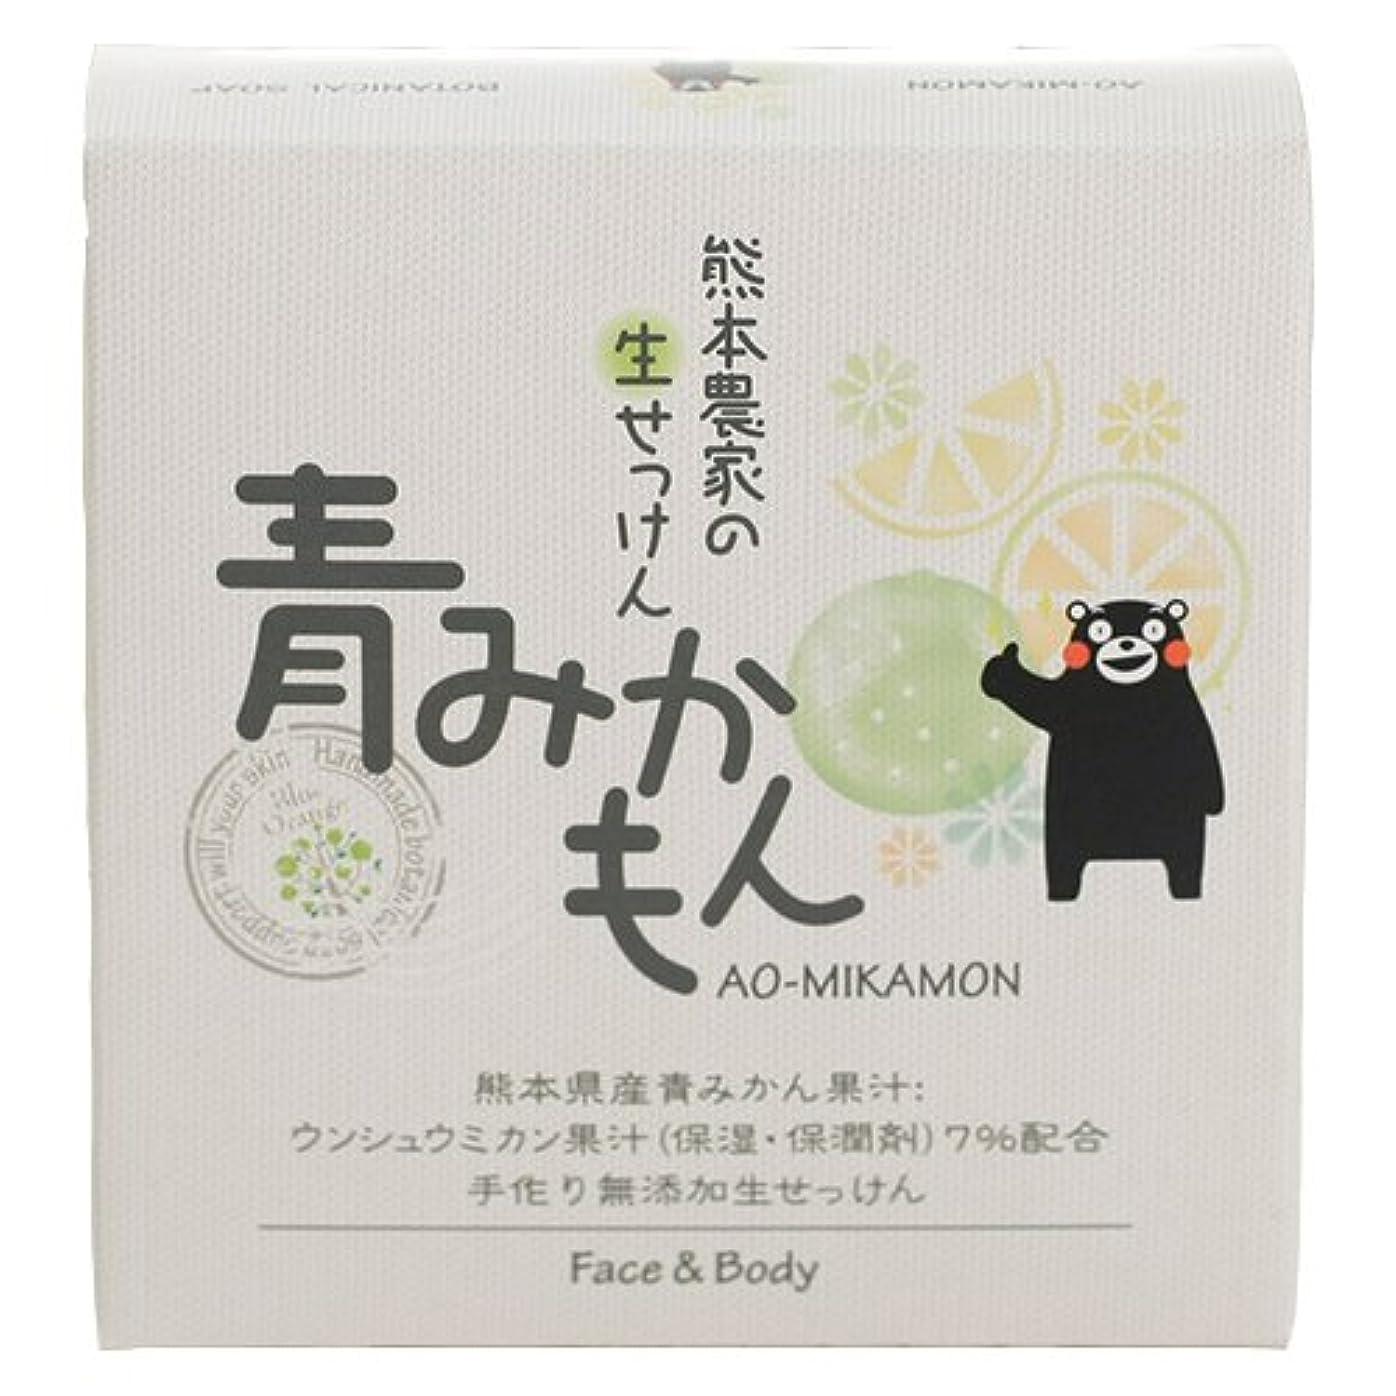 現実的リクルートヒップゼネラルリンク 熊本農家の生せっけん 青みかもん 80g 石鹸 柑橘系の自然な香り